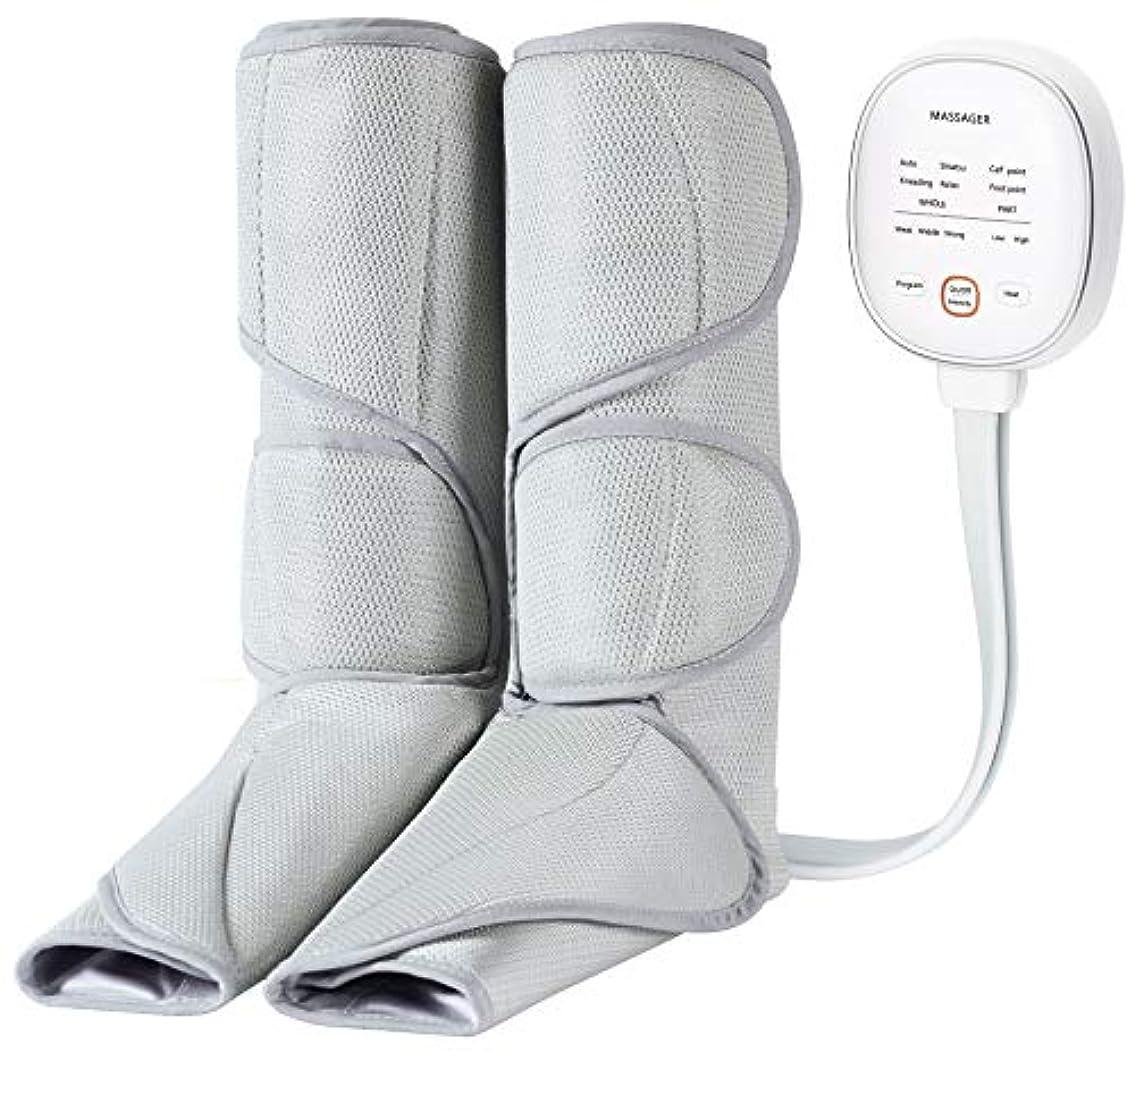 コントラスト計器グリットKindao マッサージ器 エアーマッサージャー 温感機能搭載 6つのマッサージコースを 強さを選べる3段階の切り替え 空気圧縮 フット循環血行促進 レッグリフレ足 まっさーじ機 あし脚 マッサージ装置